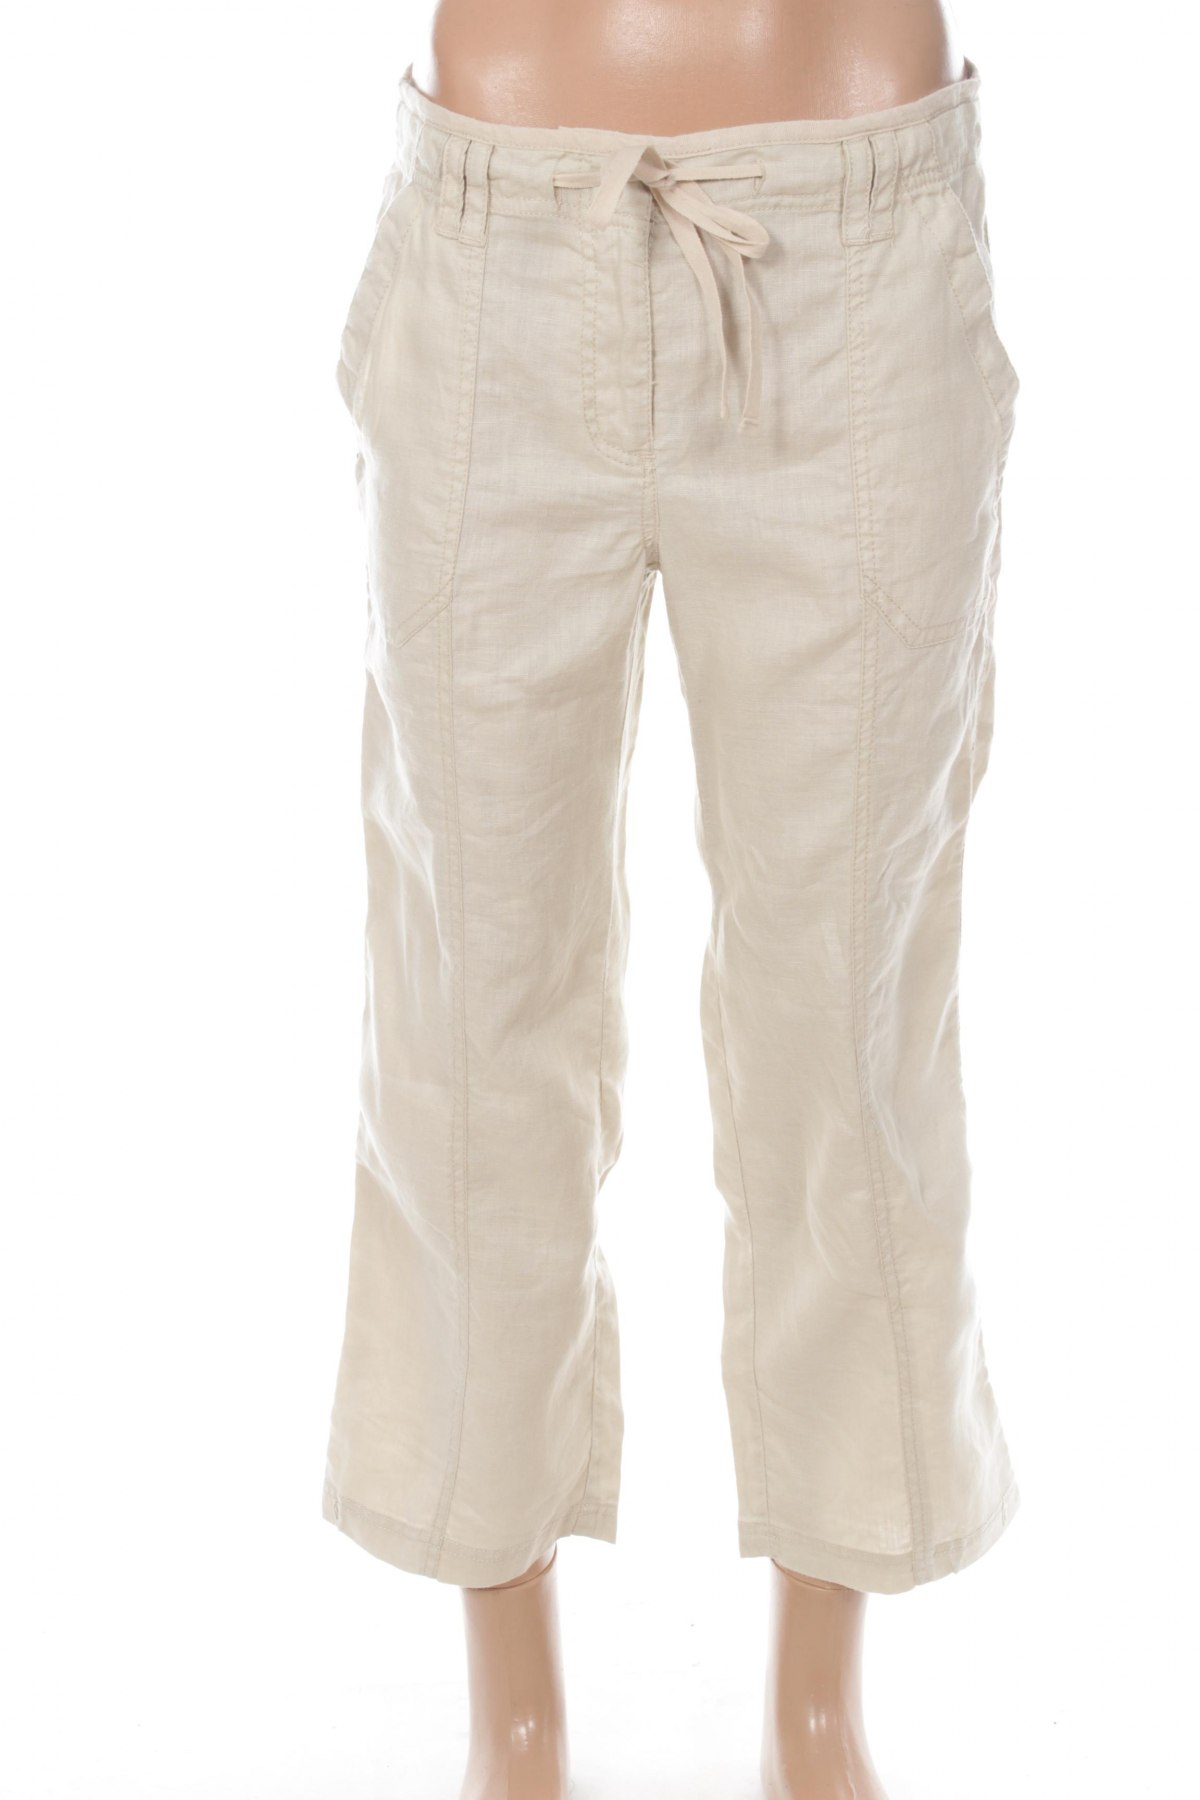 Дамски панталон Essentiel, Размер S, Цвят Бежов, 100% лен, Цена 38,00лв.